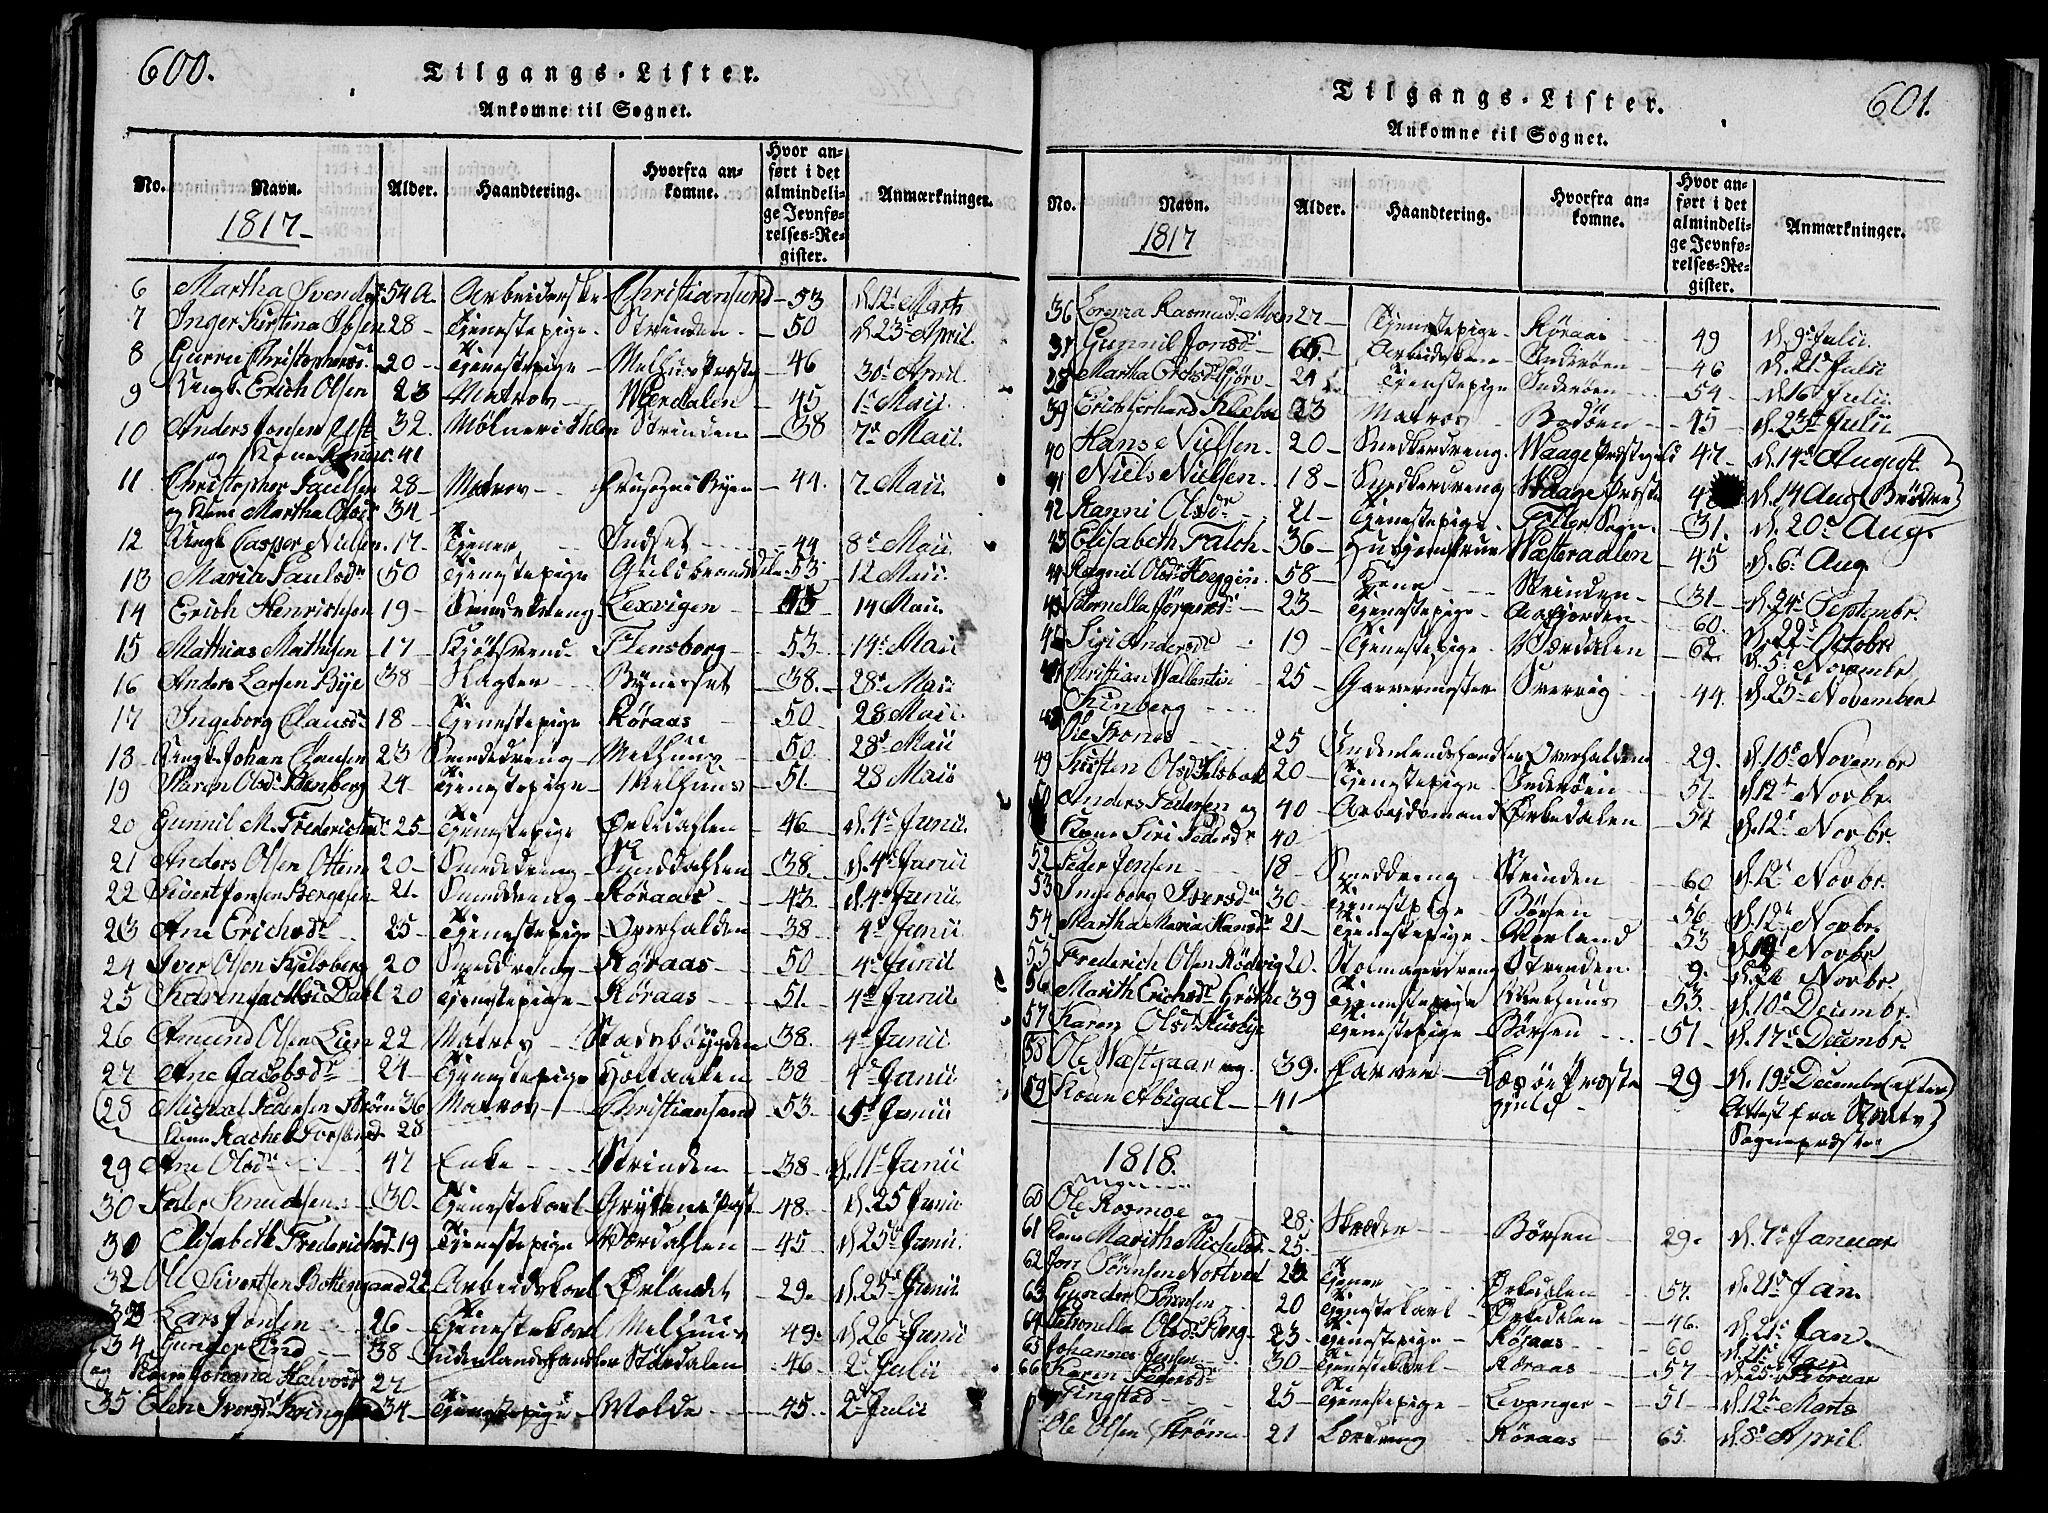 SAT, Ministerialprotokoller, klokkerbøker og fødselsregistre - Sør-Trøndelag, 601/L0043: Ministerialbok nr. 601A11, 1815-1821, s. 600-601